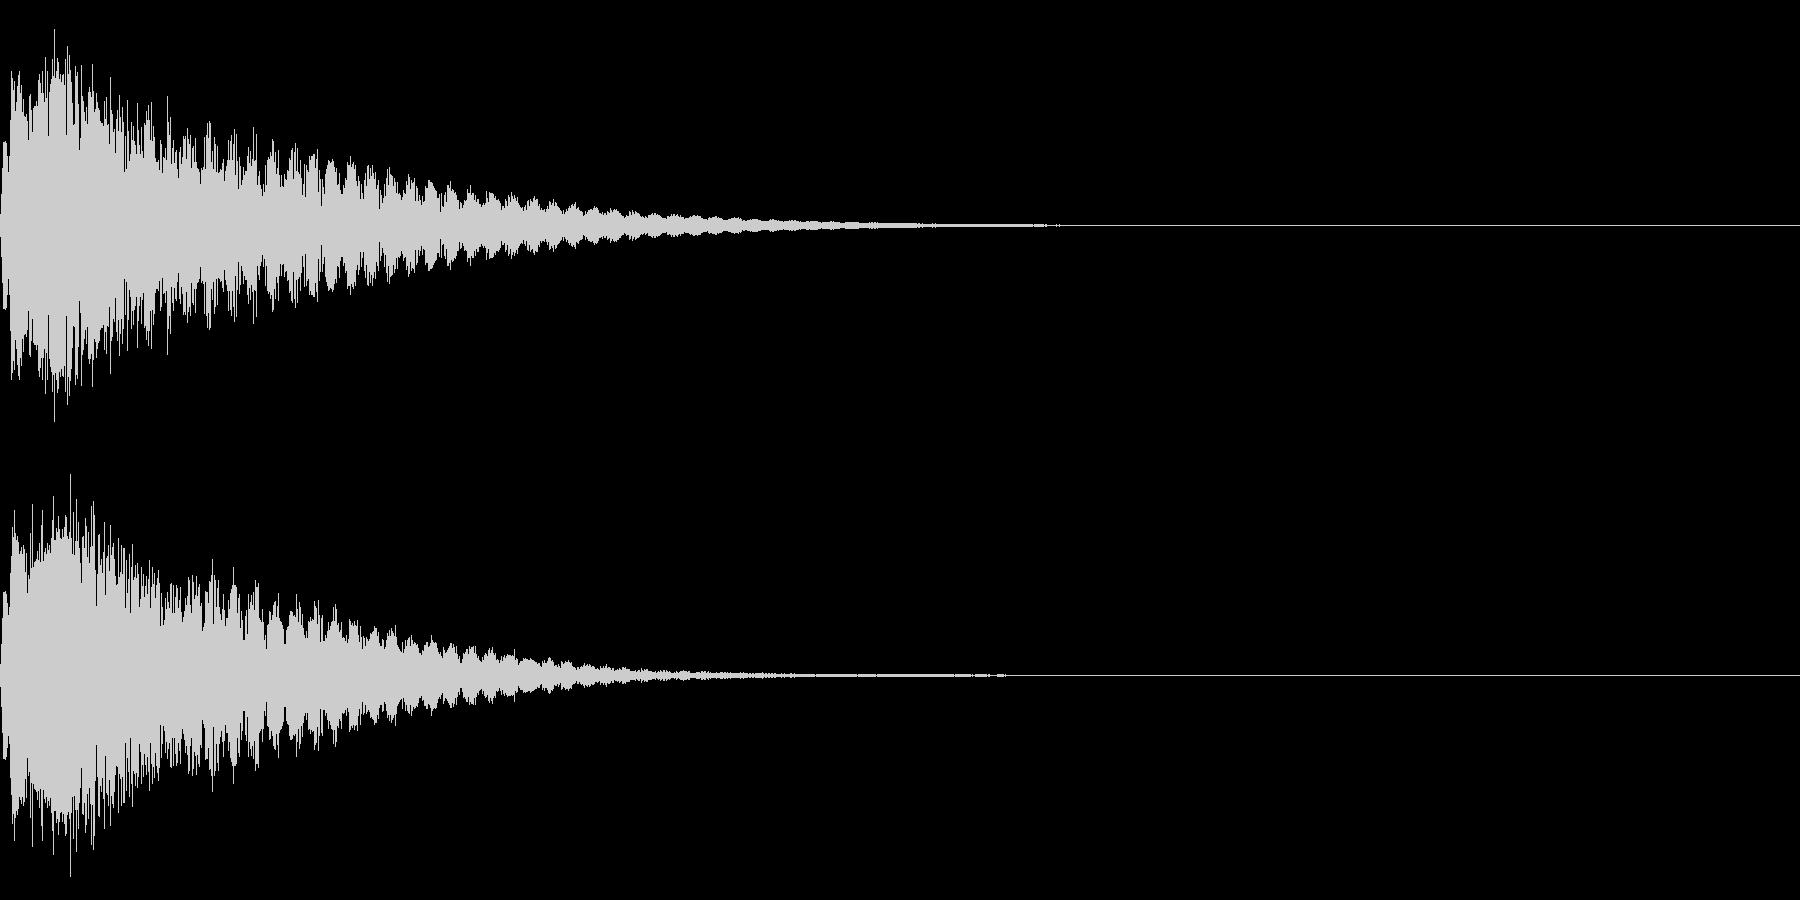 キュイン ボタン ピキーン キーン 21の未再生の波形